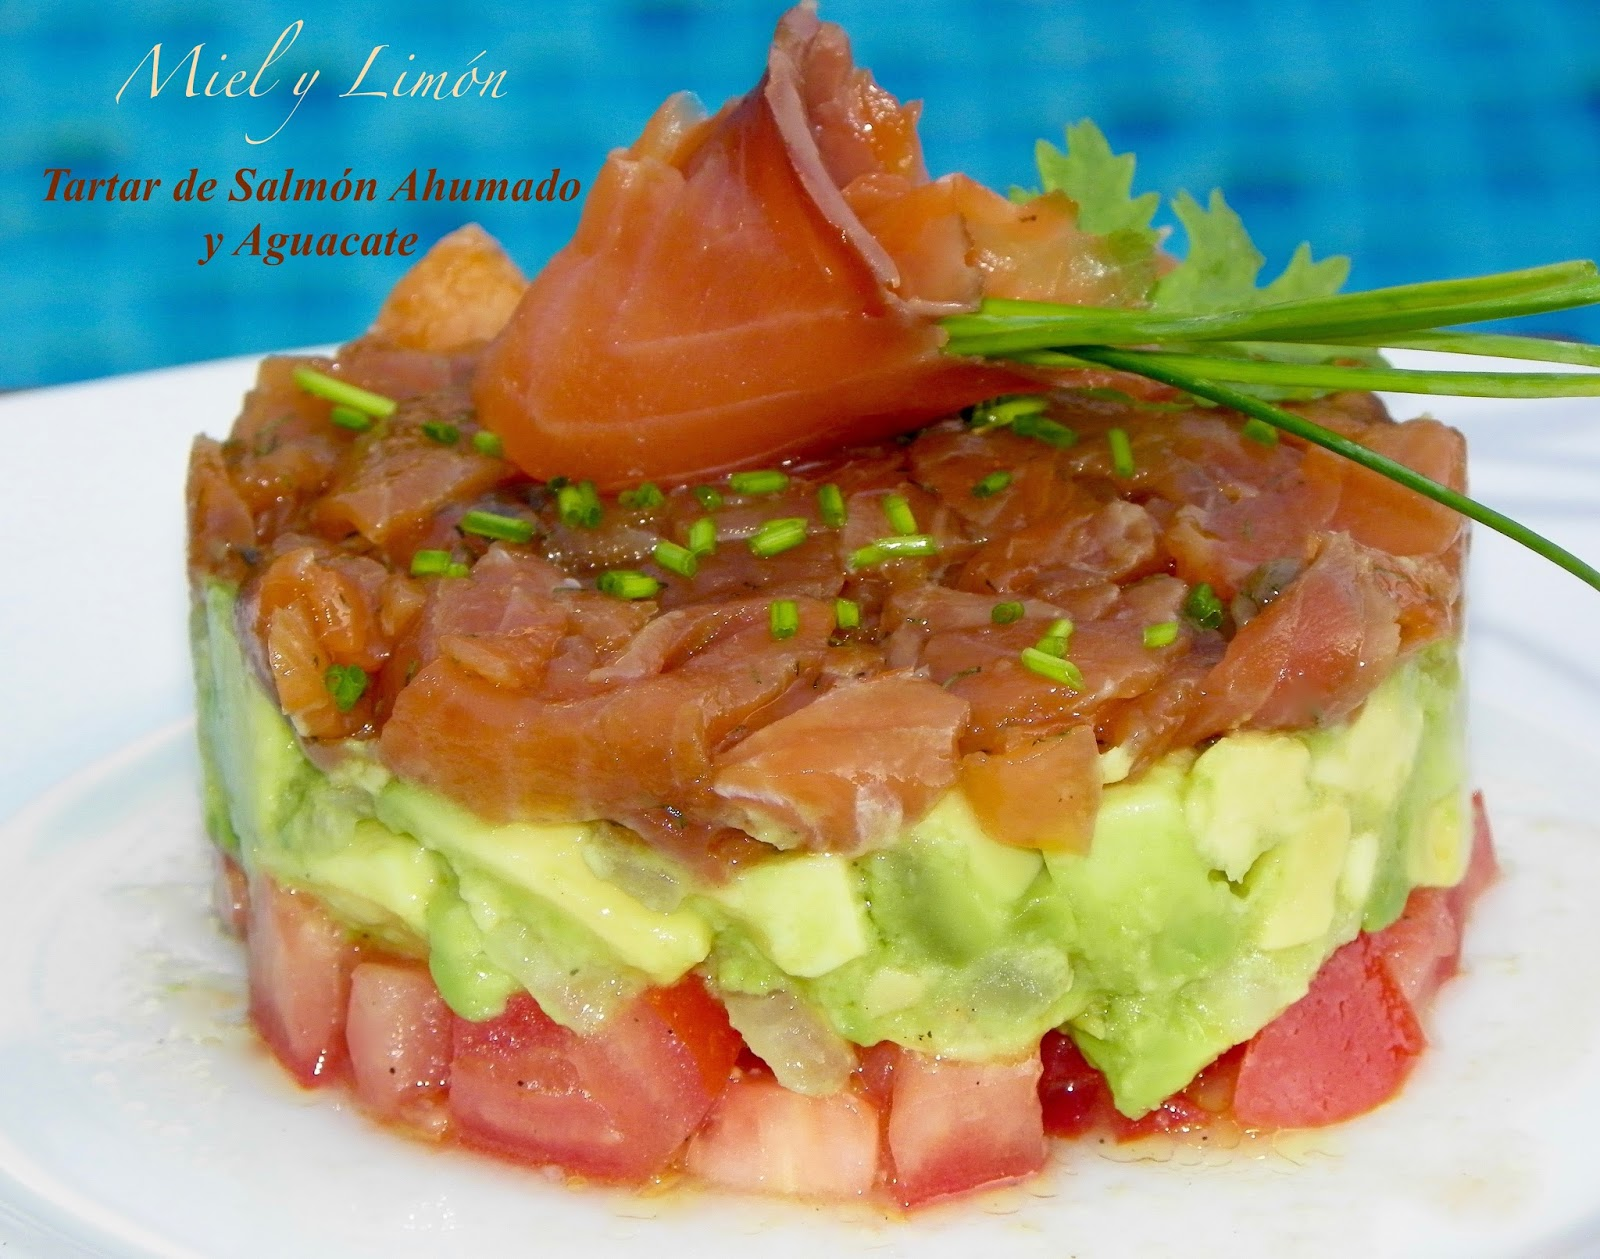 Tartar de salm n ahumado y aguacate - Ensalada con salmon y aguacate ...